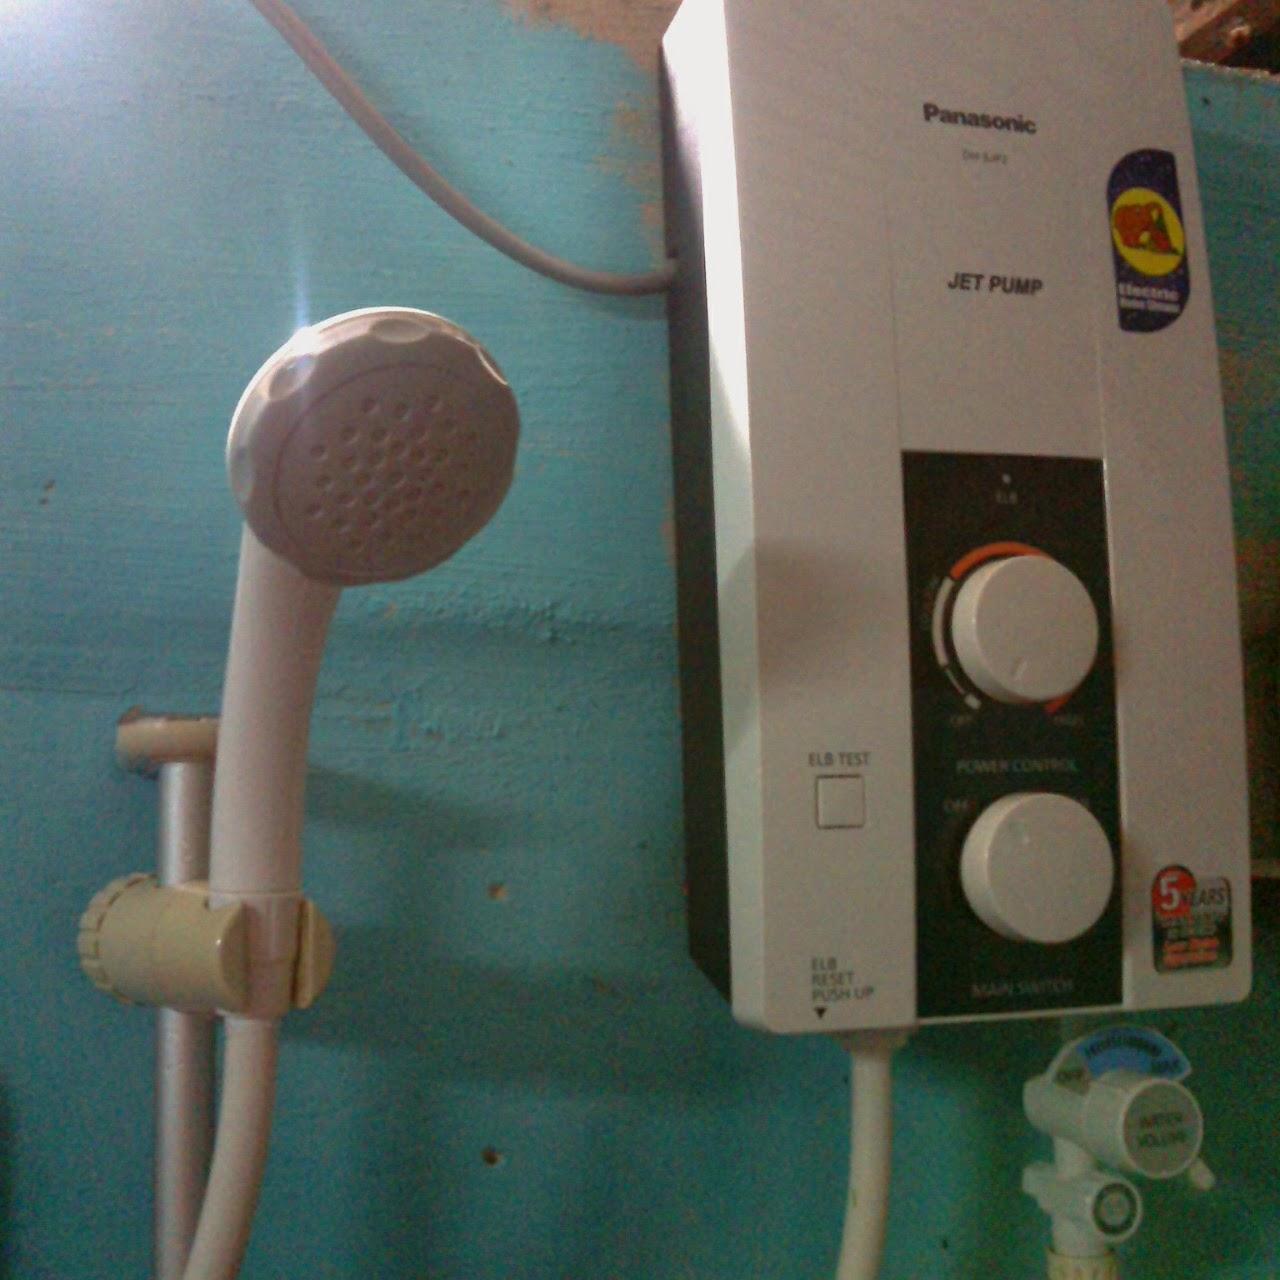 progress tukar water heater baru yang lama dah seusia ngan iqa pergghhh